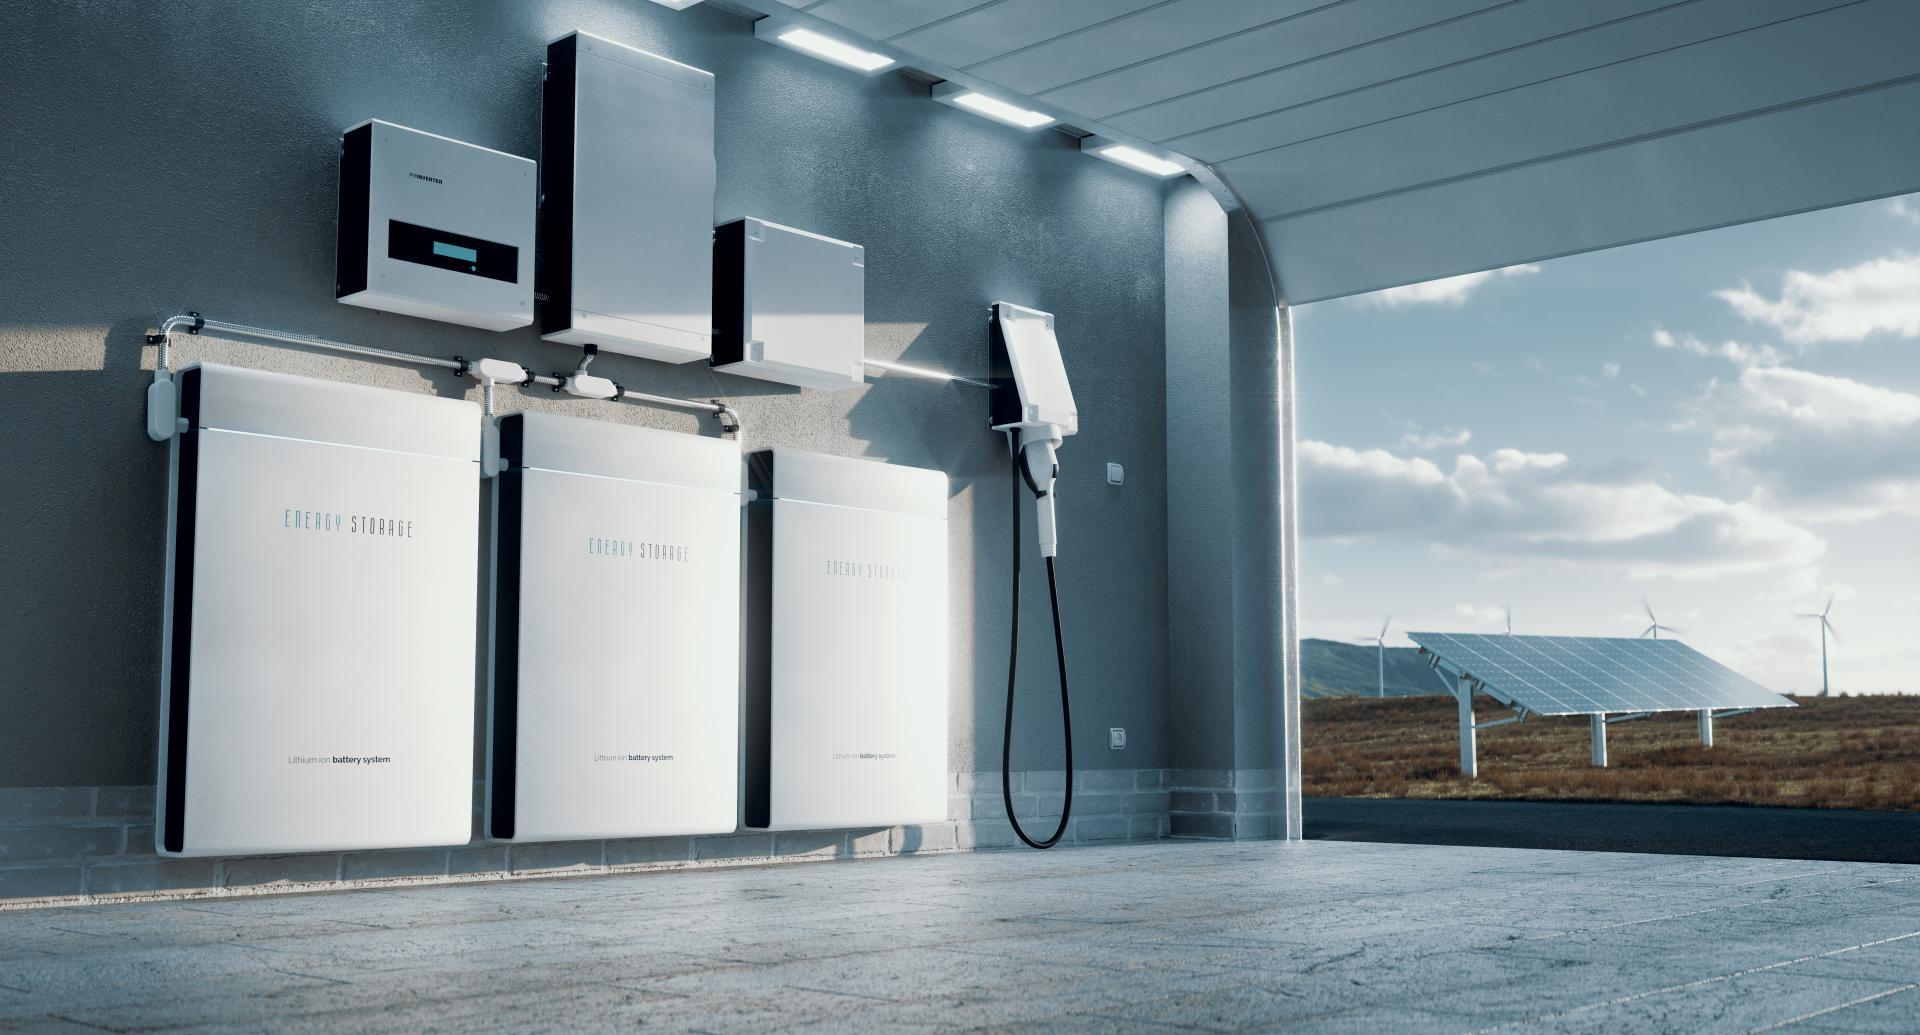 Voltfang: Günstige und nachhaltige Heimspeicher aus Tesla Model S-Akkus